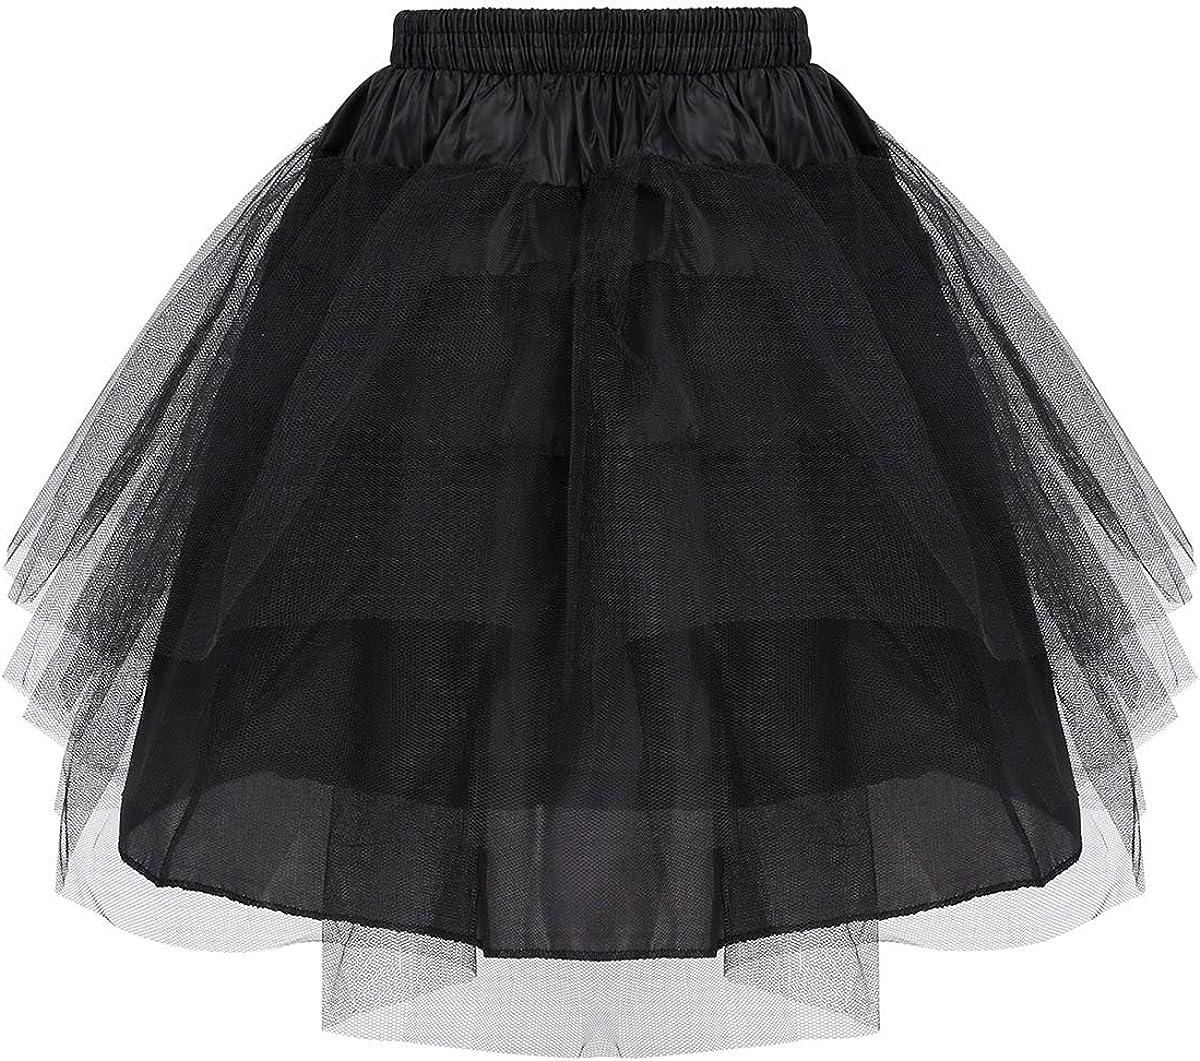 YiZYiF Girls Kids Princess Hoopless Petticoat Crinoline Flower Girl Wedding Dress Puffy 3 Layers Tutu Skirts